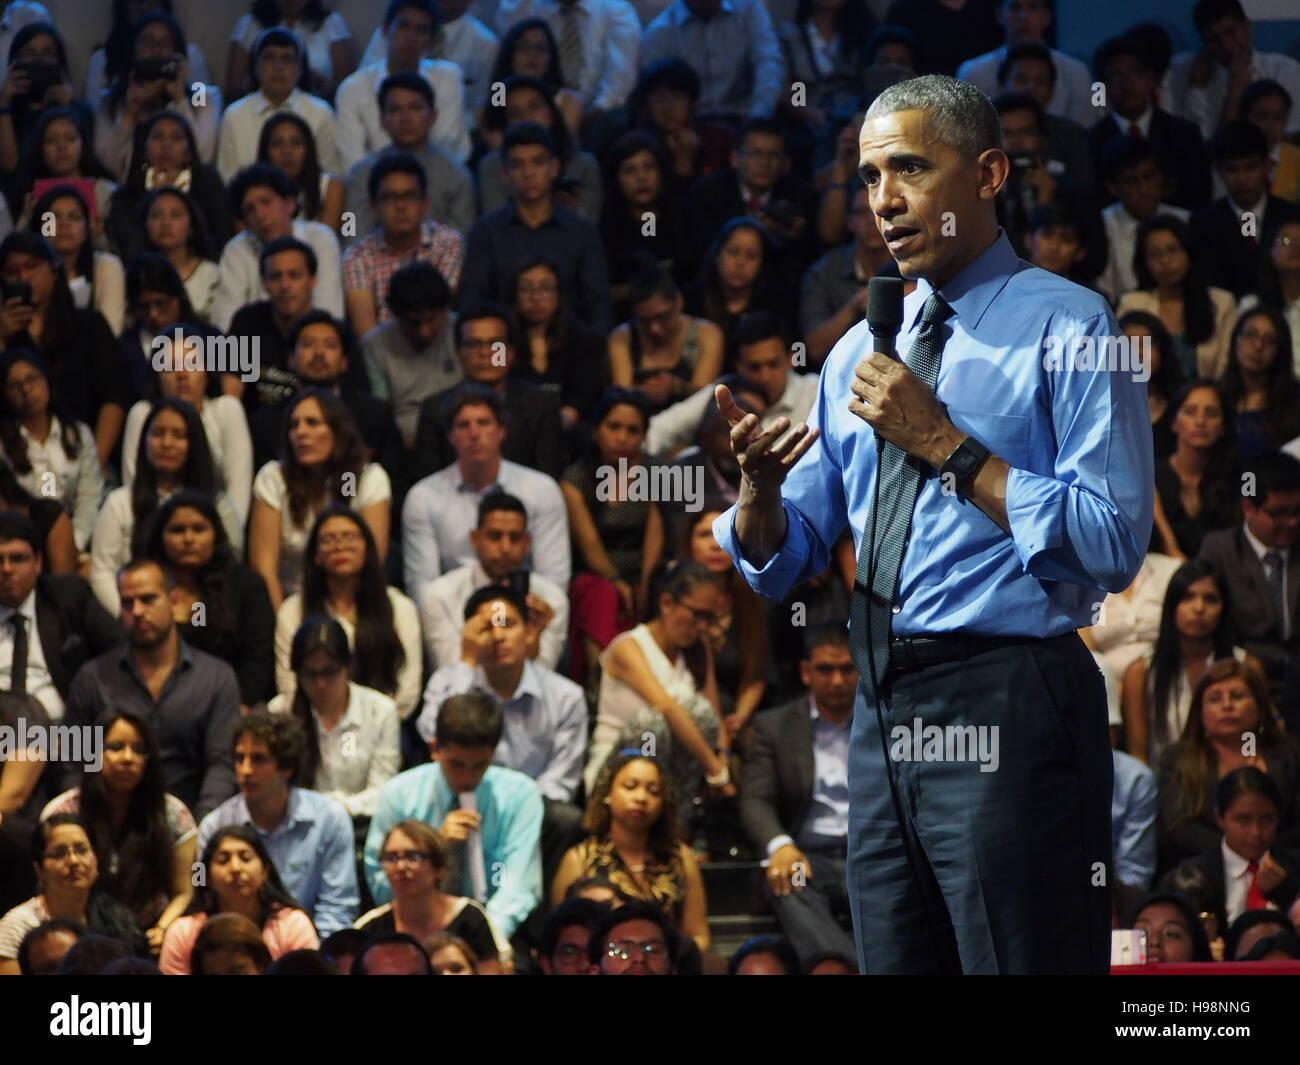 Lima, Pérou. 19 Nov, 2016. Barack Obama, président des États-Unis d'Amérique, s'est Photo Stock